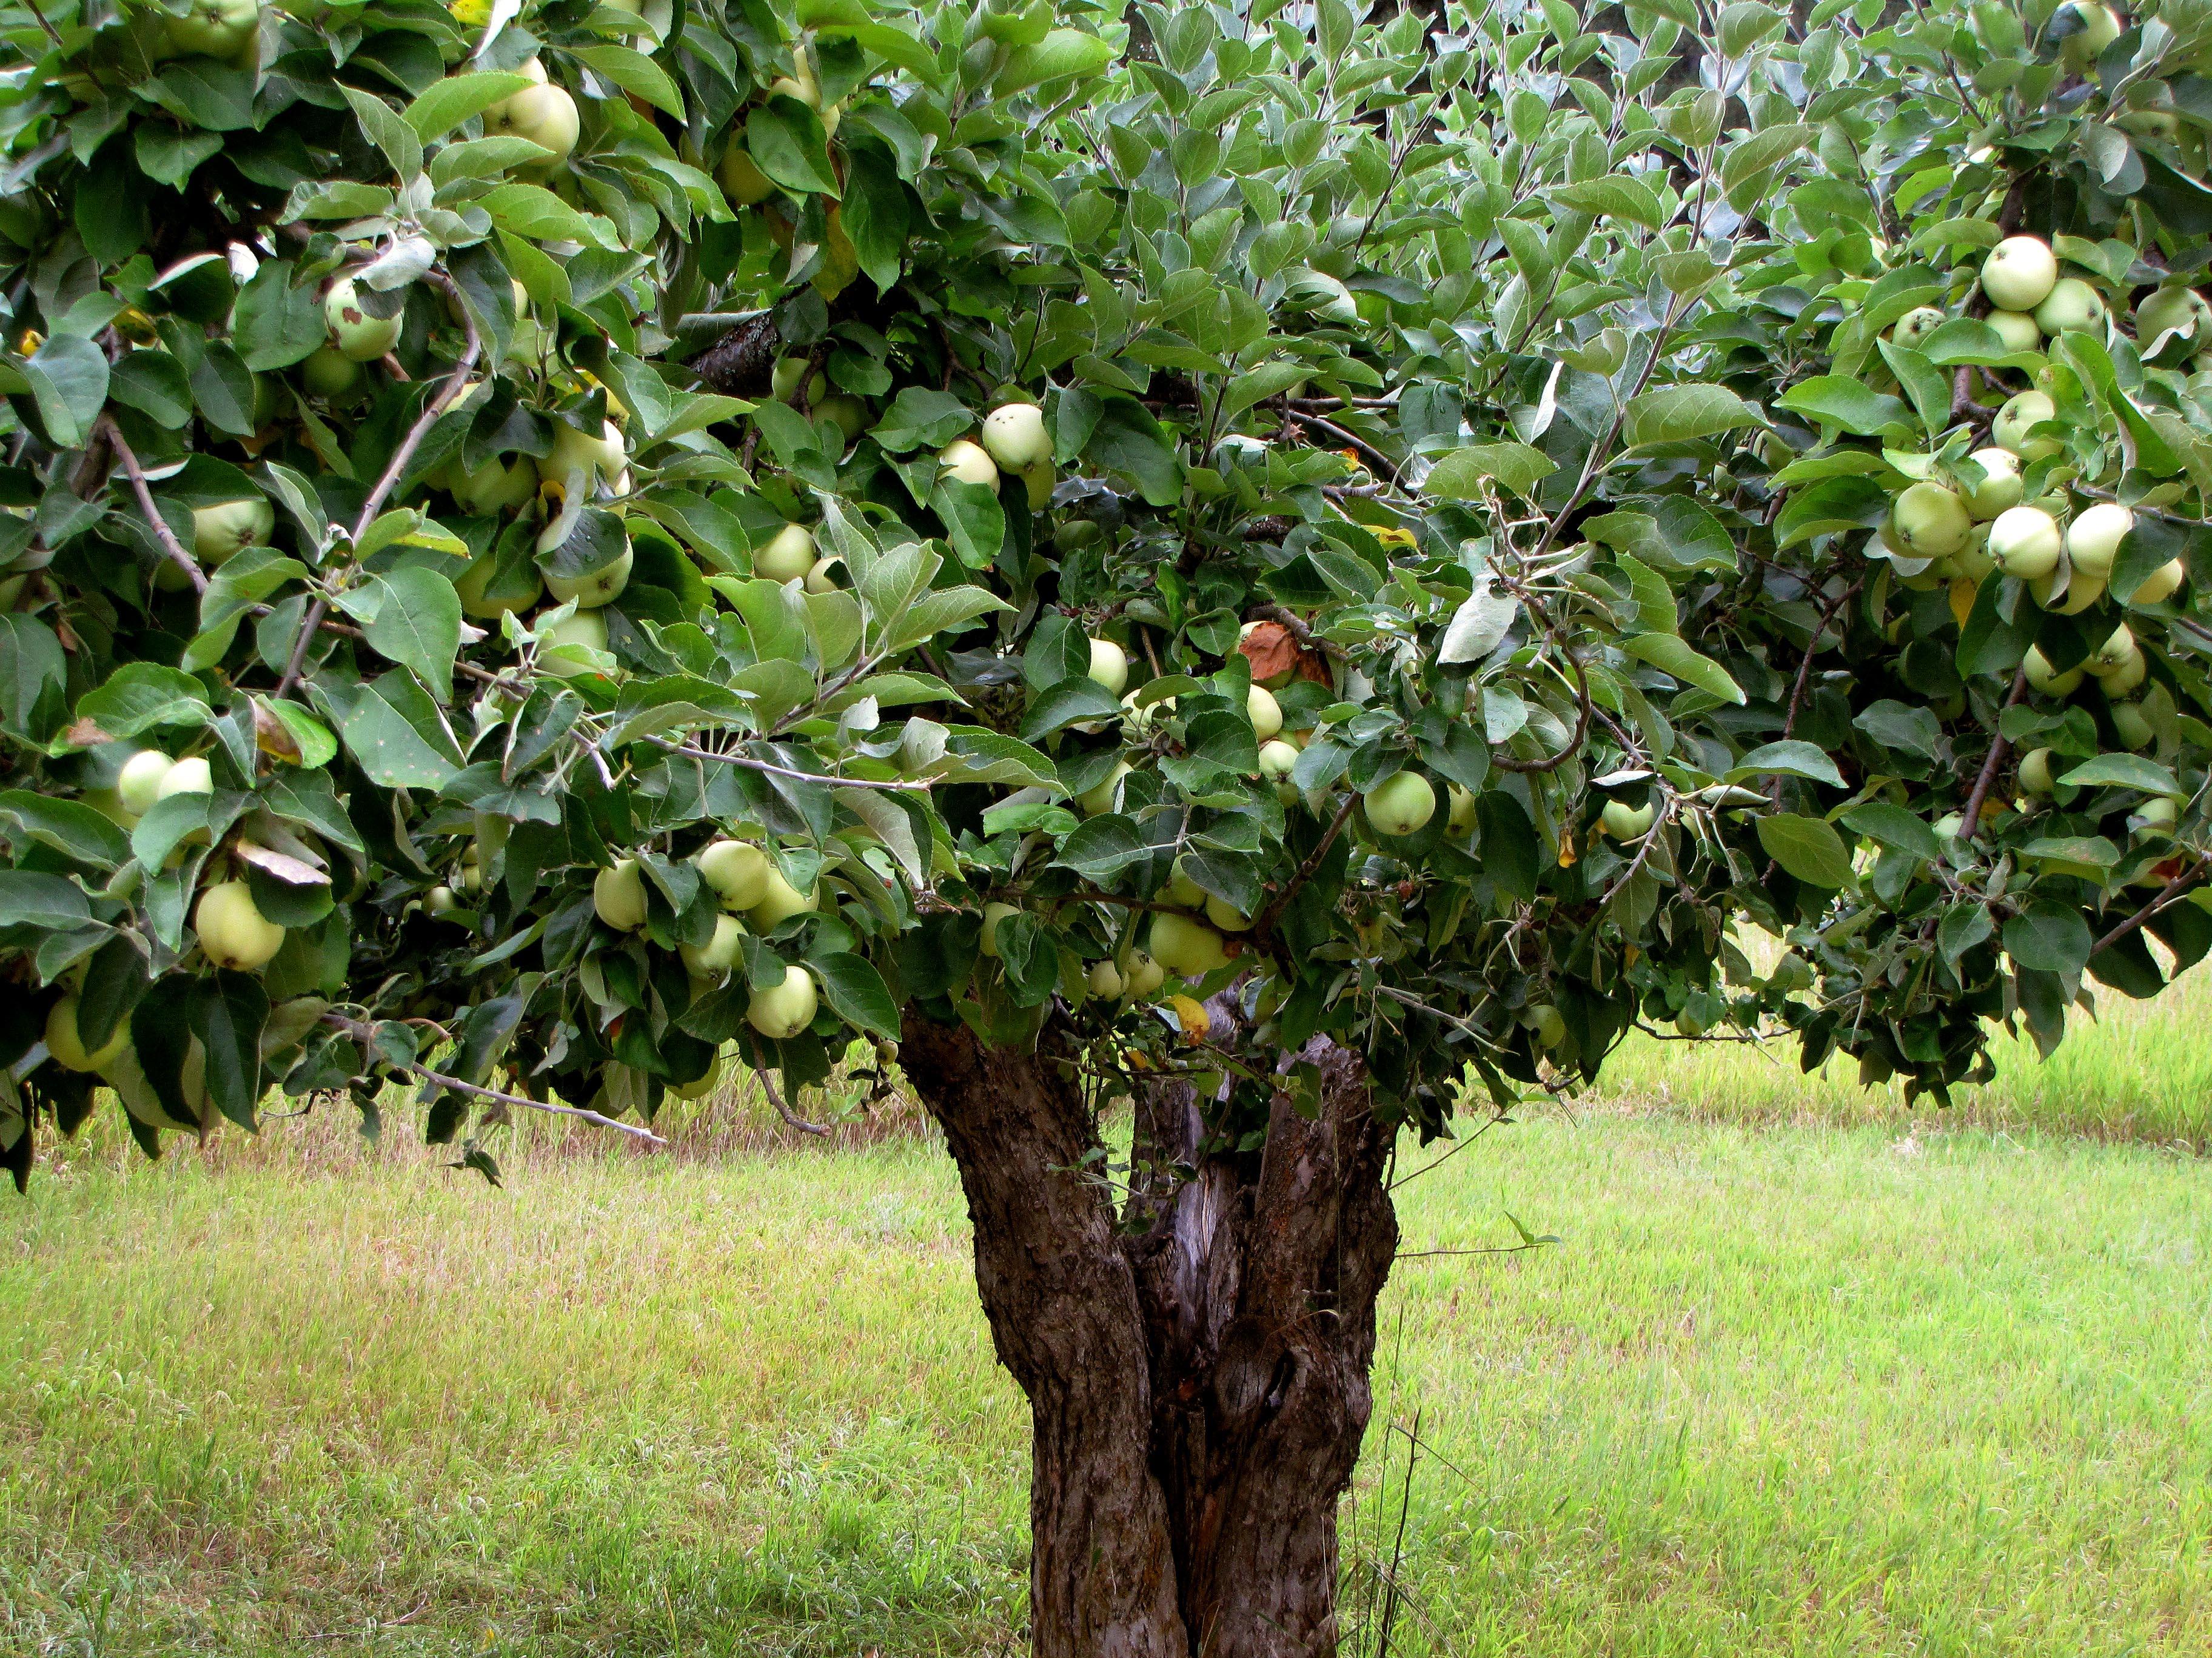 Boom Kleine Tuin : Mooie bomen voor een kleine tuin Úw hoveniers geerts